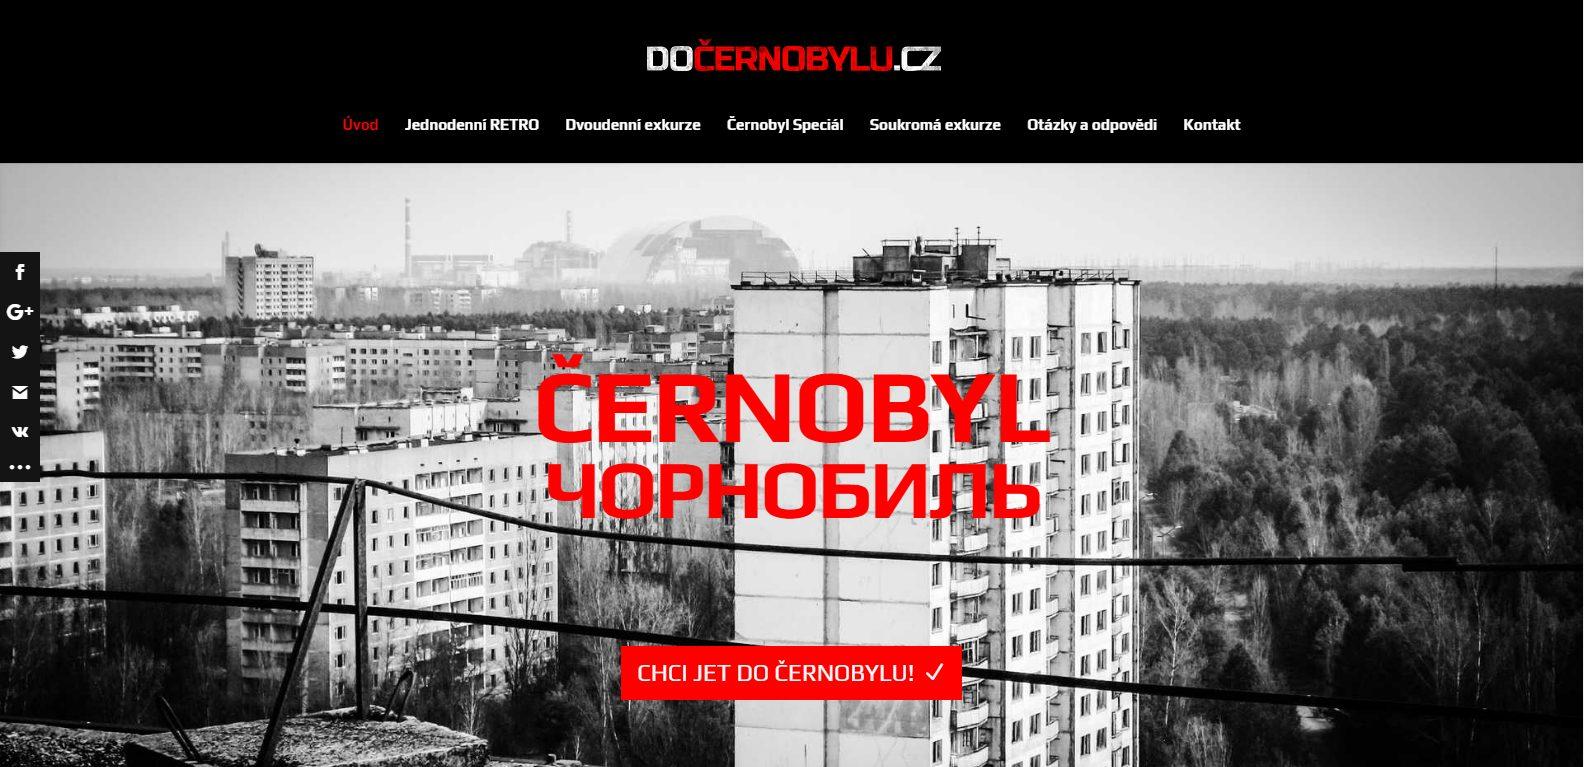 doČERNOBYLU.ct